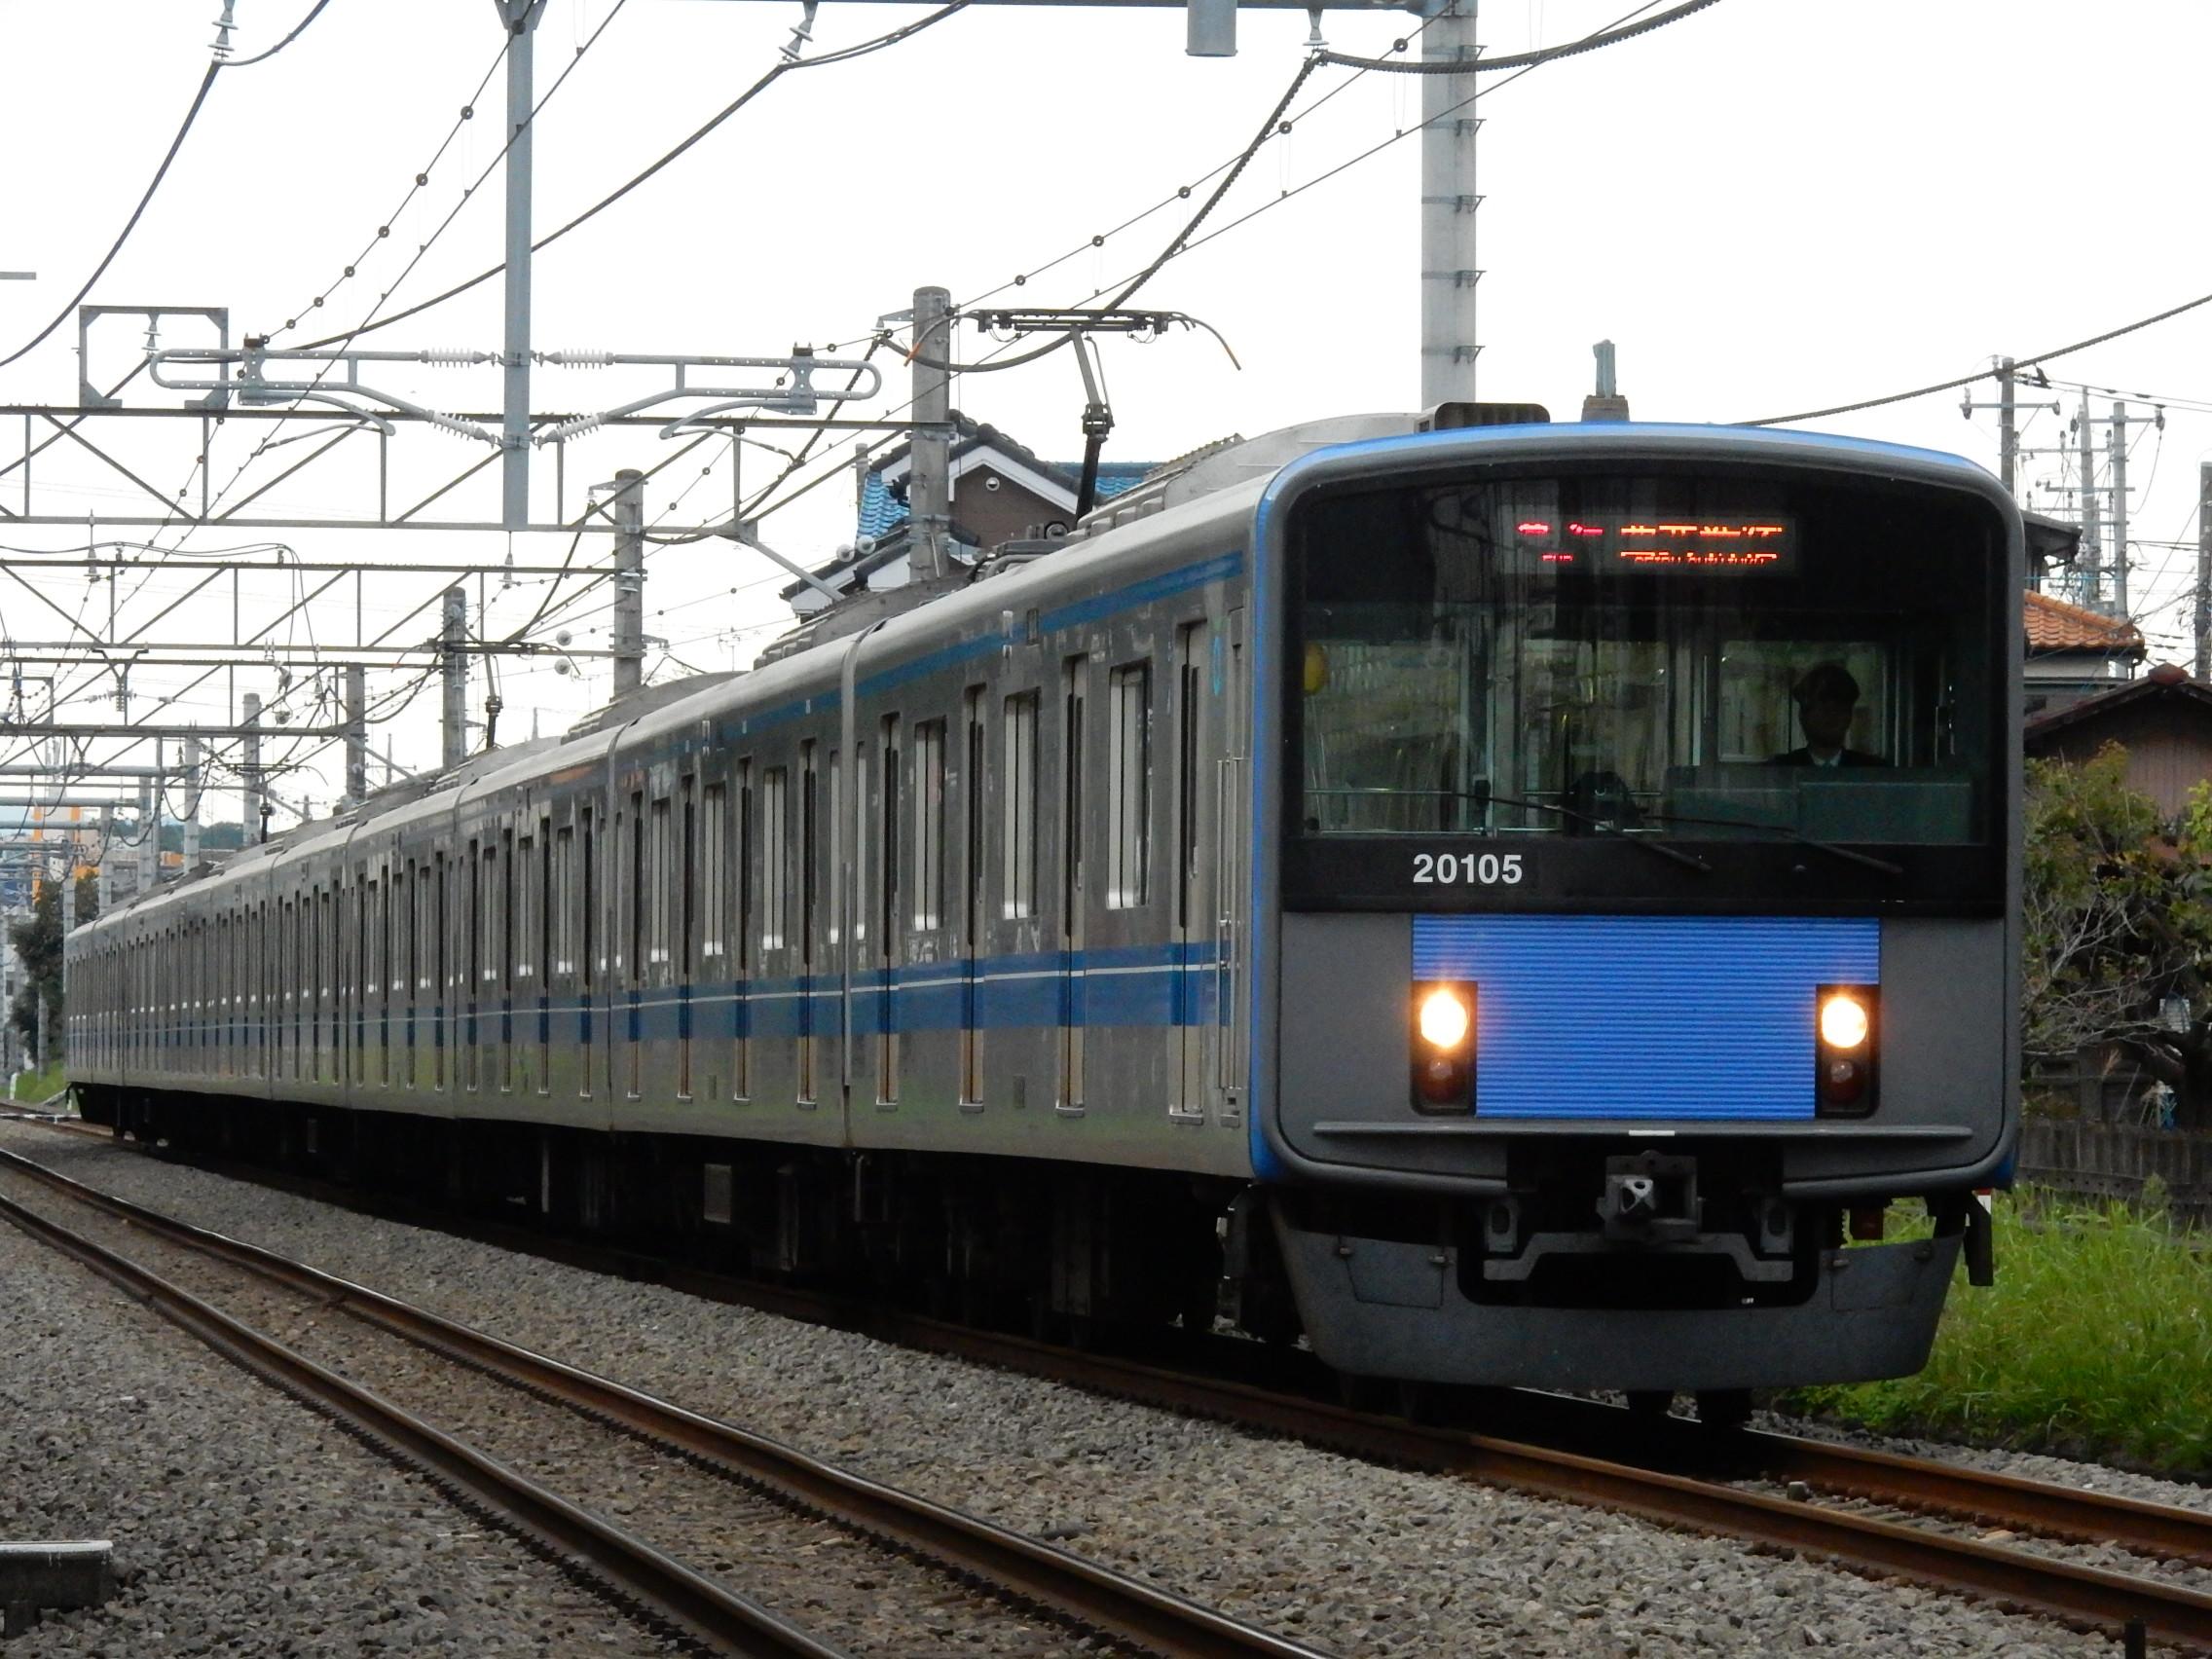 DSCN5828.jpg